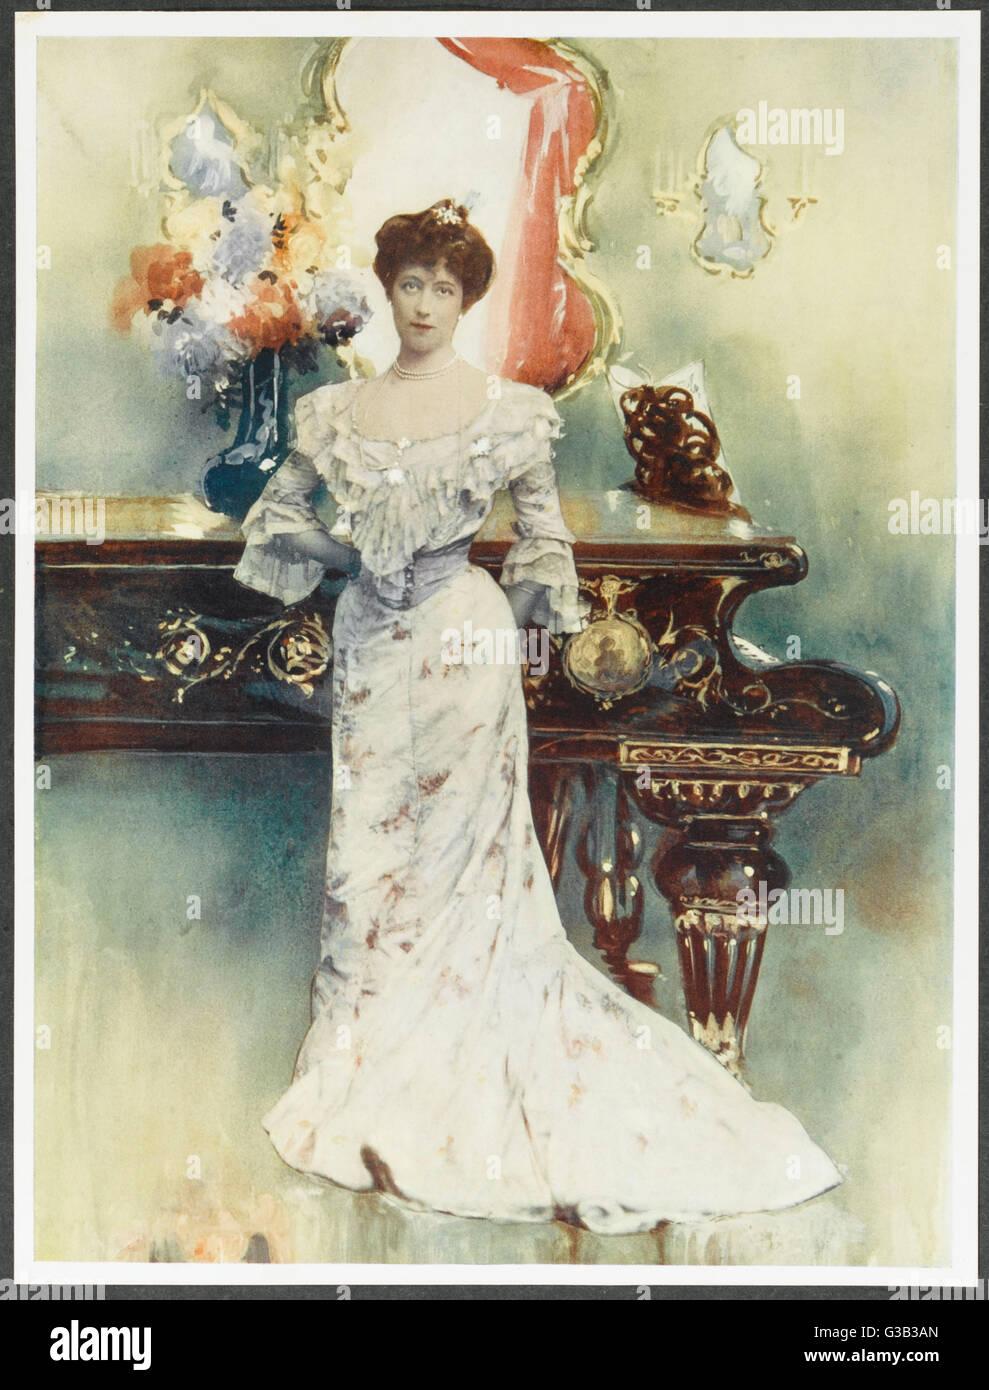 ELLIS JEFFREYS  Actress in  'The Sacrament of Judas'       Date: 1868 - 1943 - Stock Image